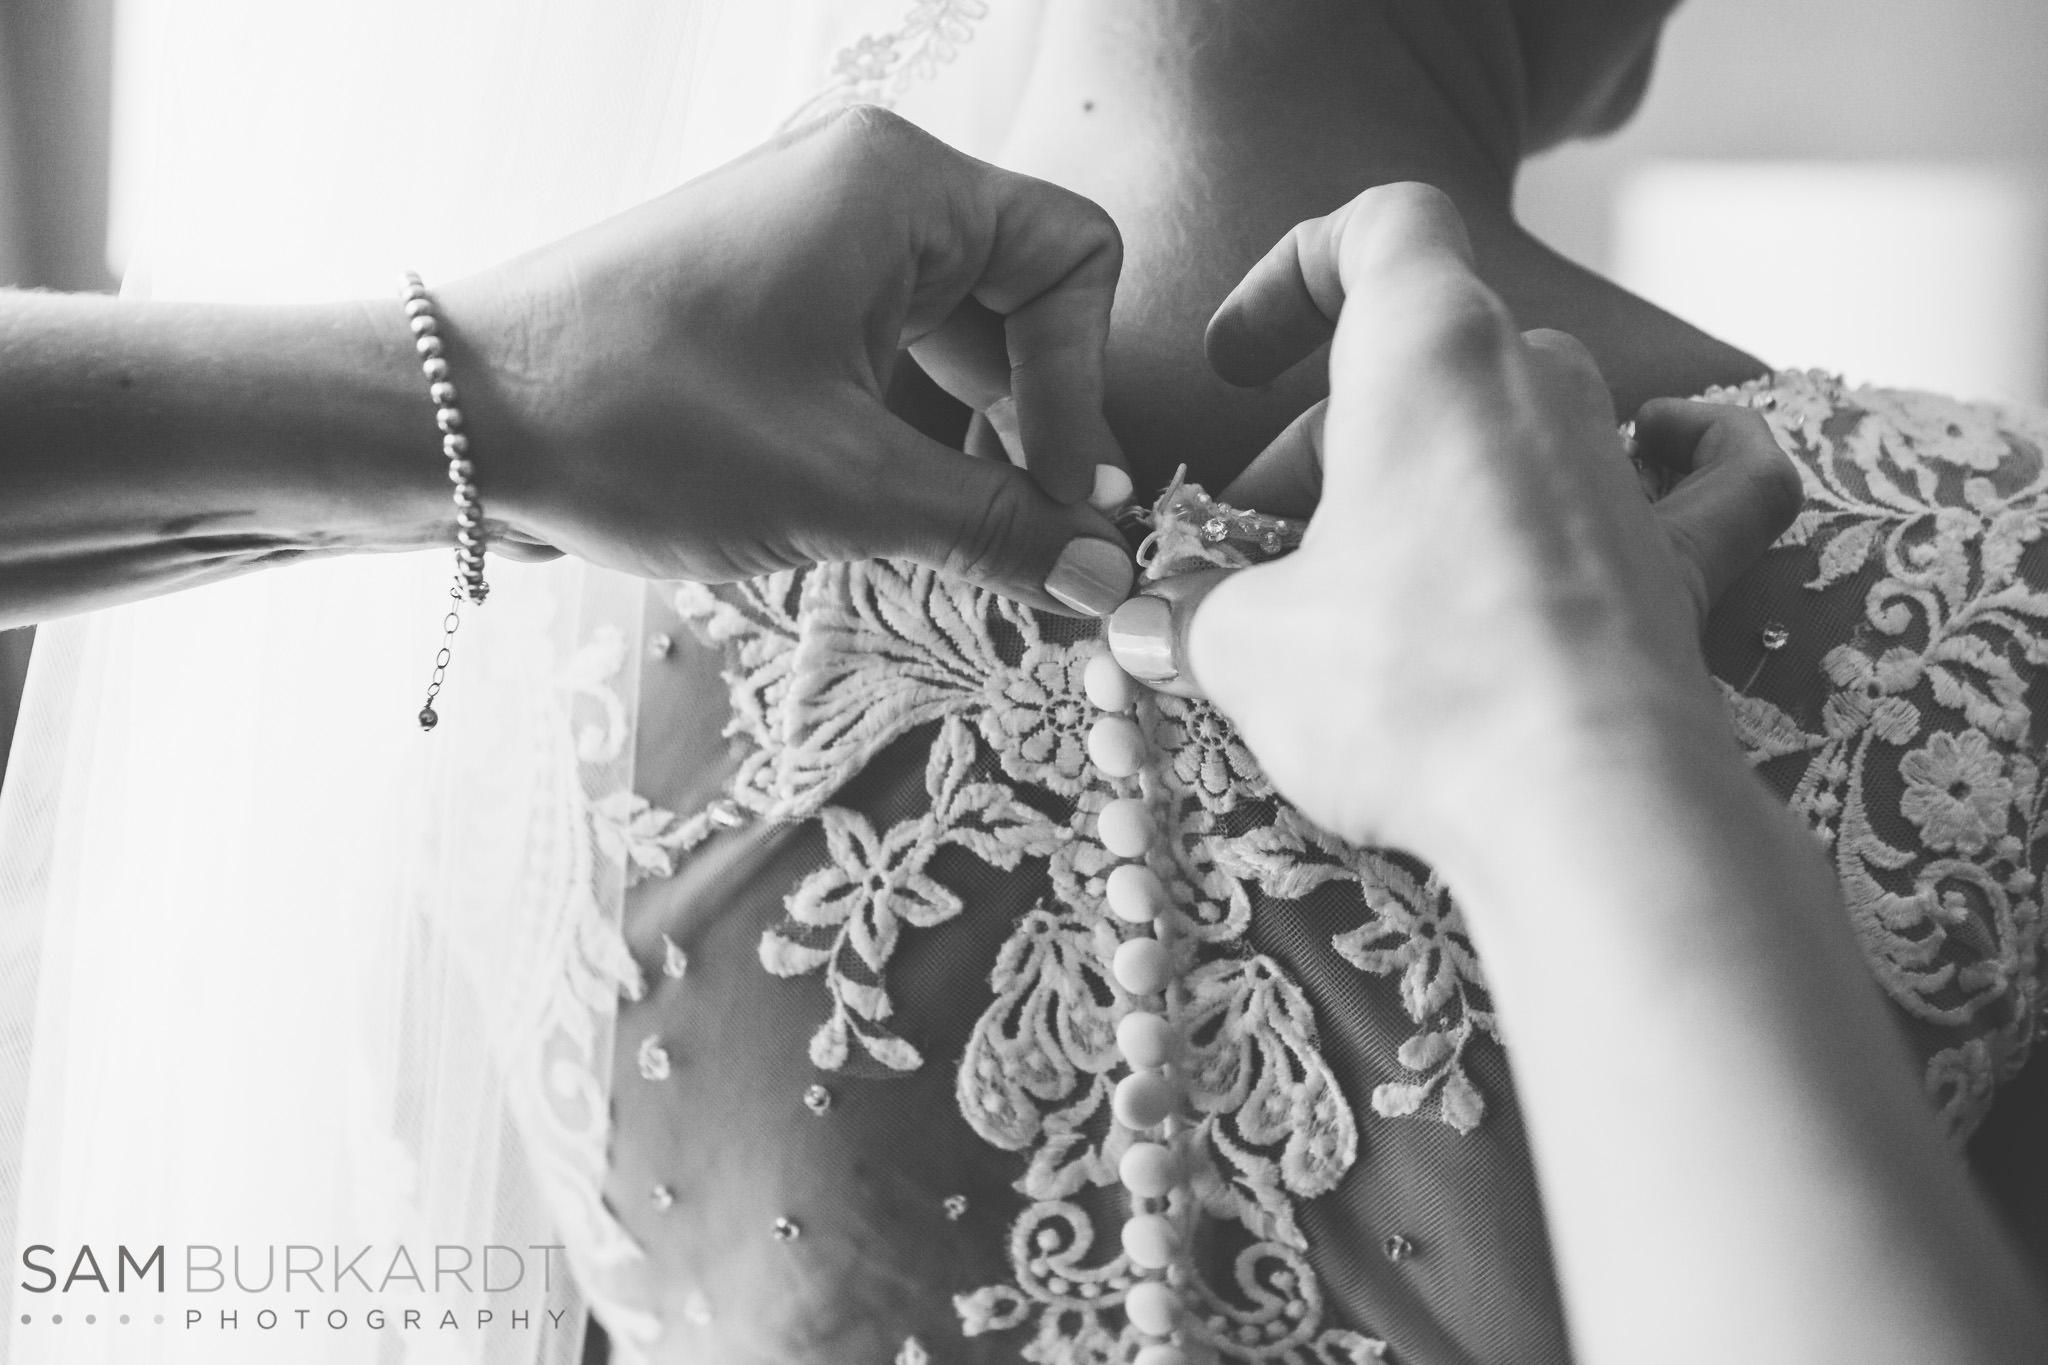 samburkardt_pond_house_hartford_wedding_fall_0015.jpg